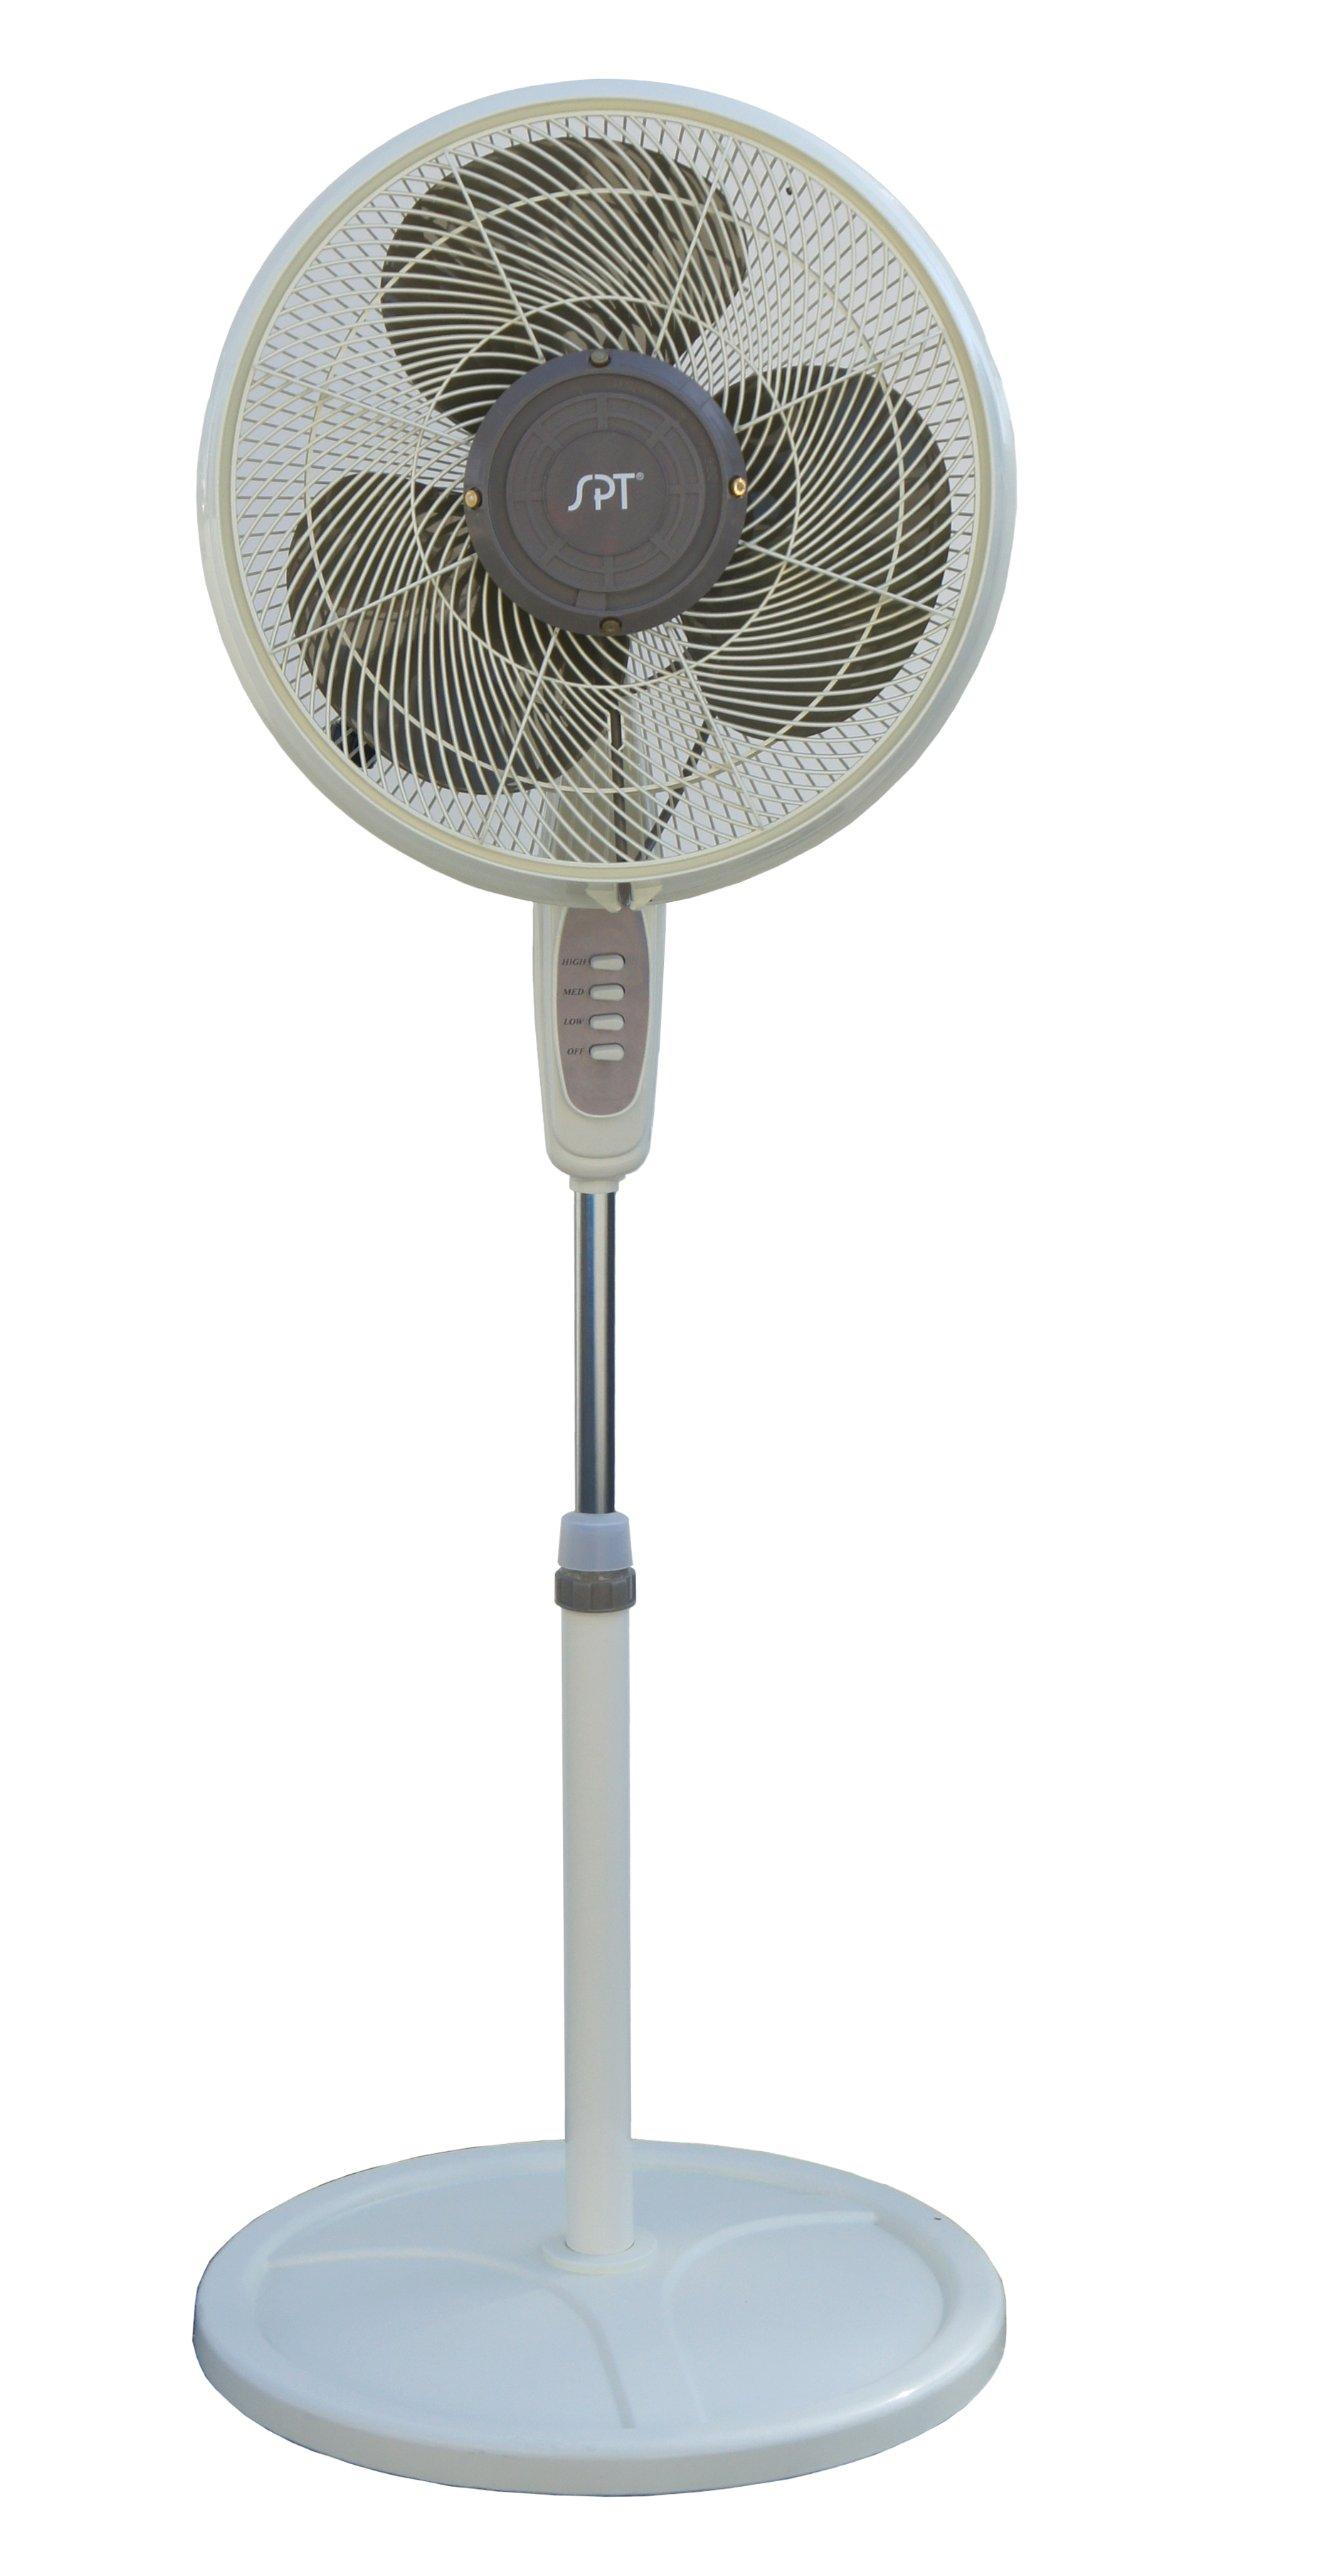 SPT 16'' Outdoor Misting Fan, Multi by SPT